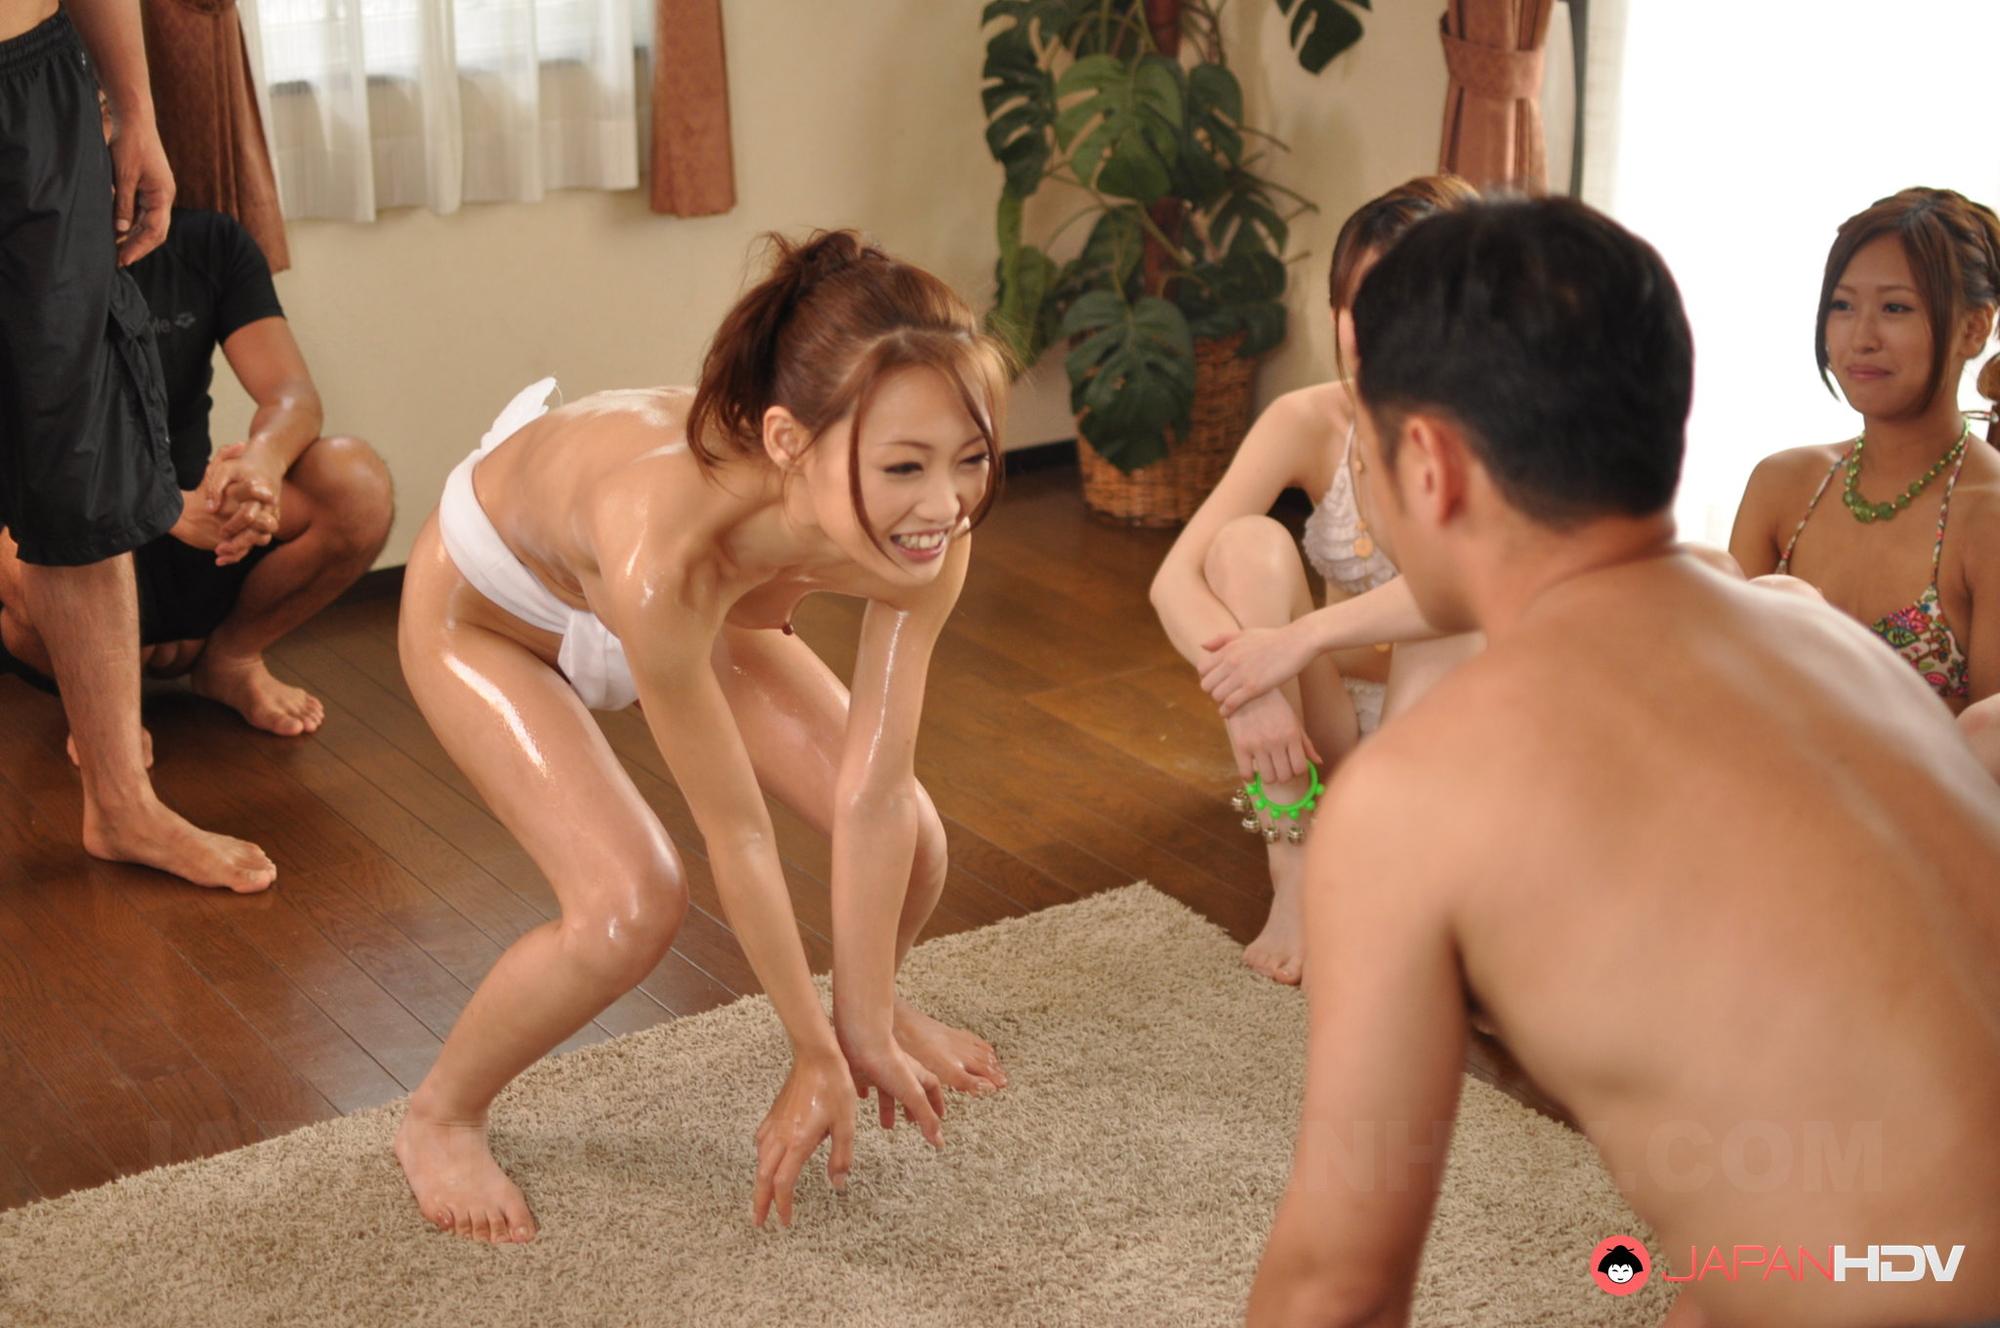 Секс приколы японские, Бесплатное порно * Японское смешное порно 16 фотография